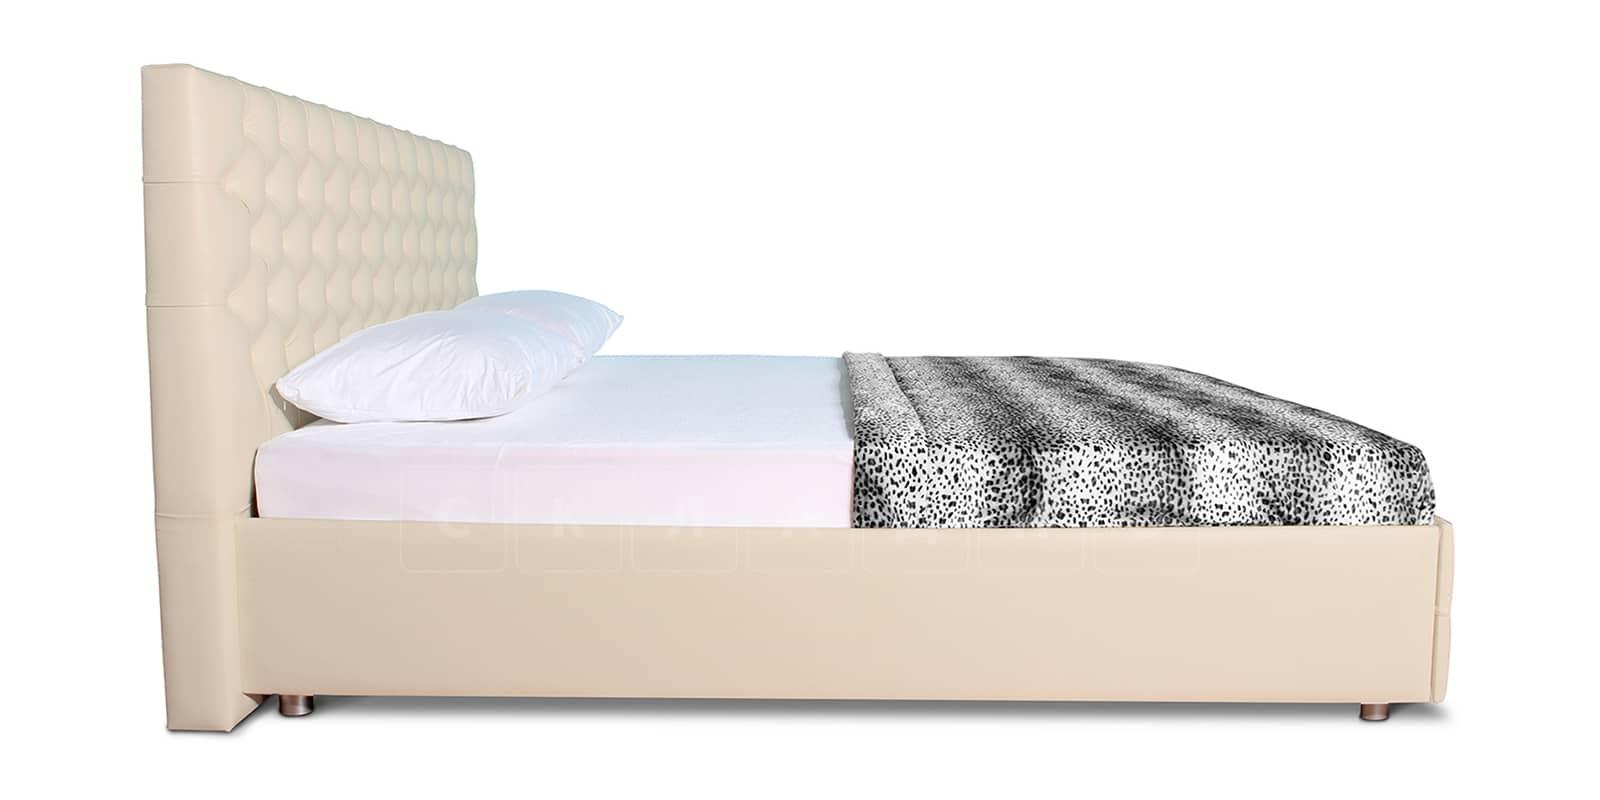 Мягкая кровать Малибу 160см экокожа бежевого цвета вариант 4-2 фото 4 | интернет-магазин Складно